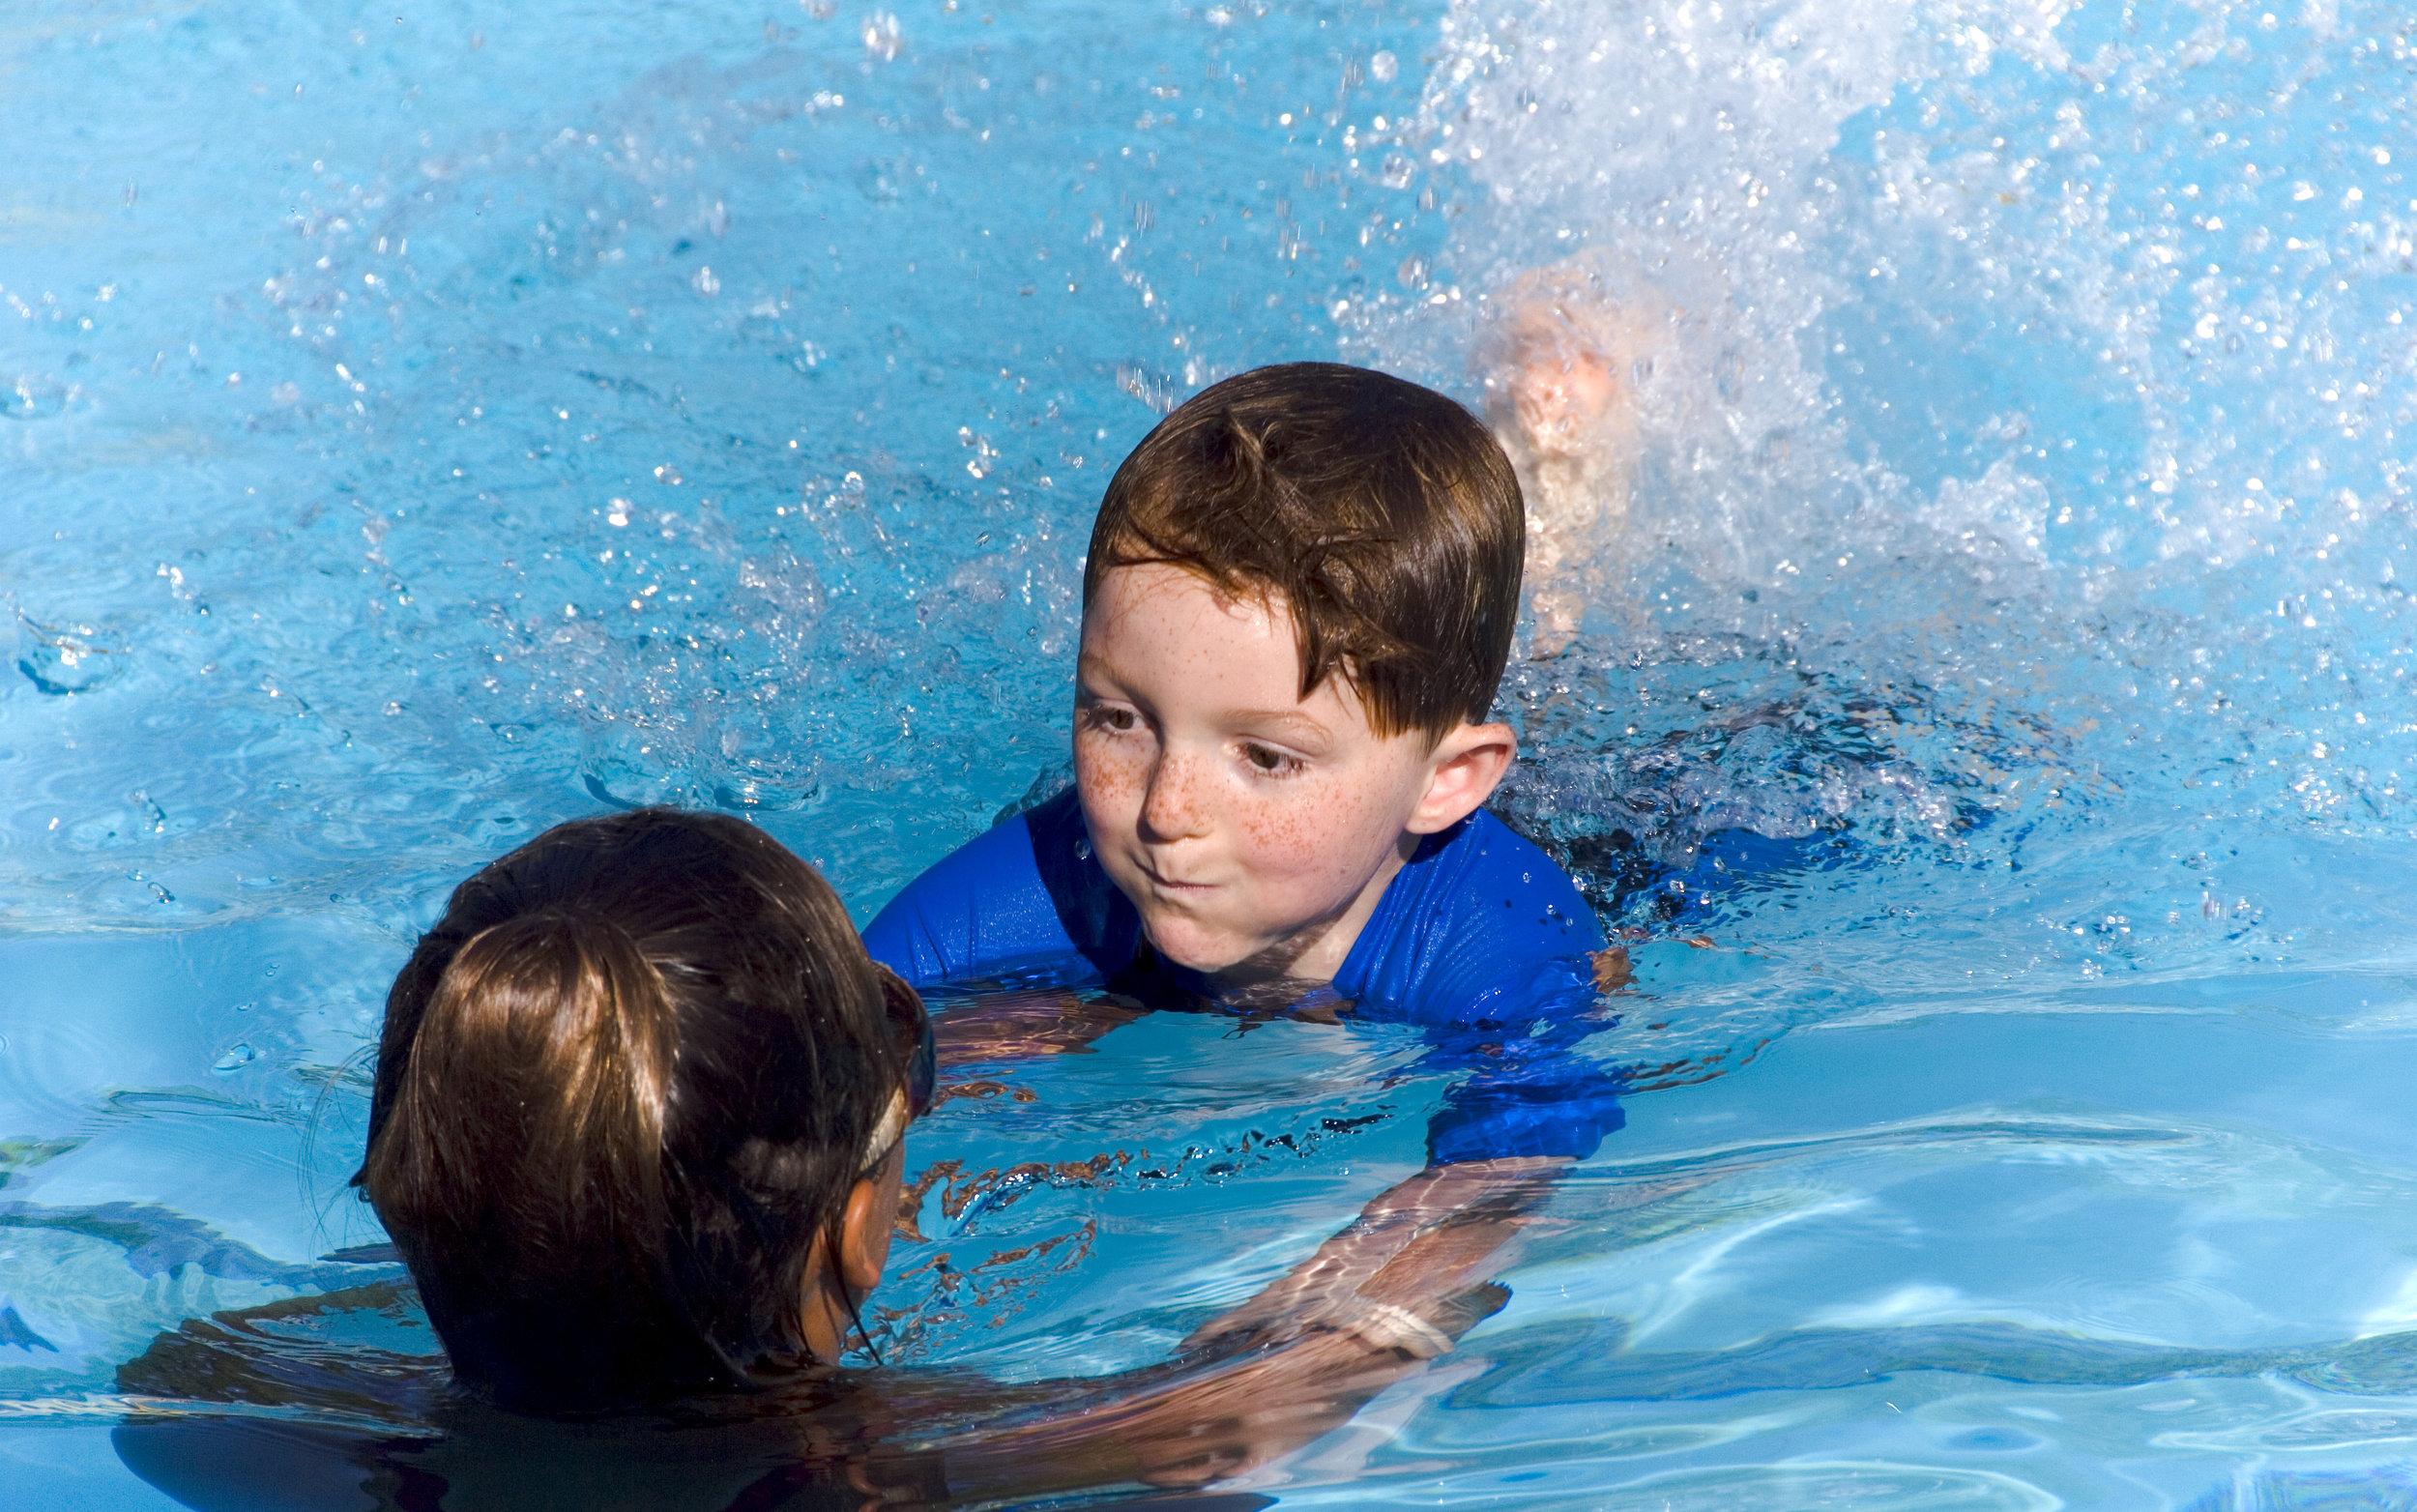 3991743-Child-Swimming-Stock-Photo.jpg